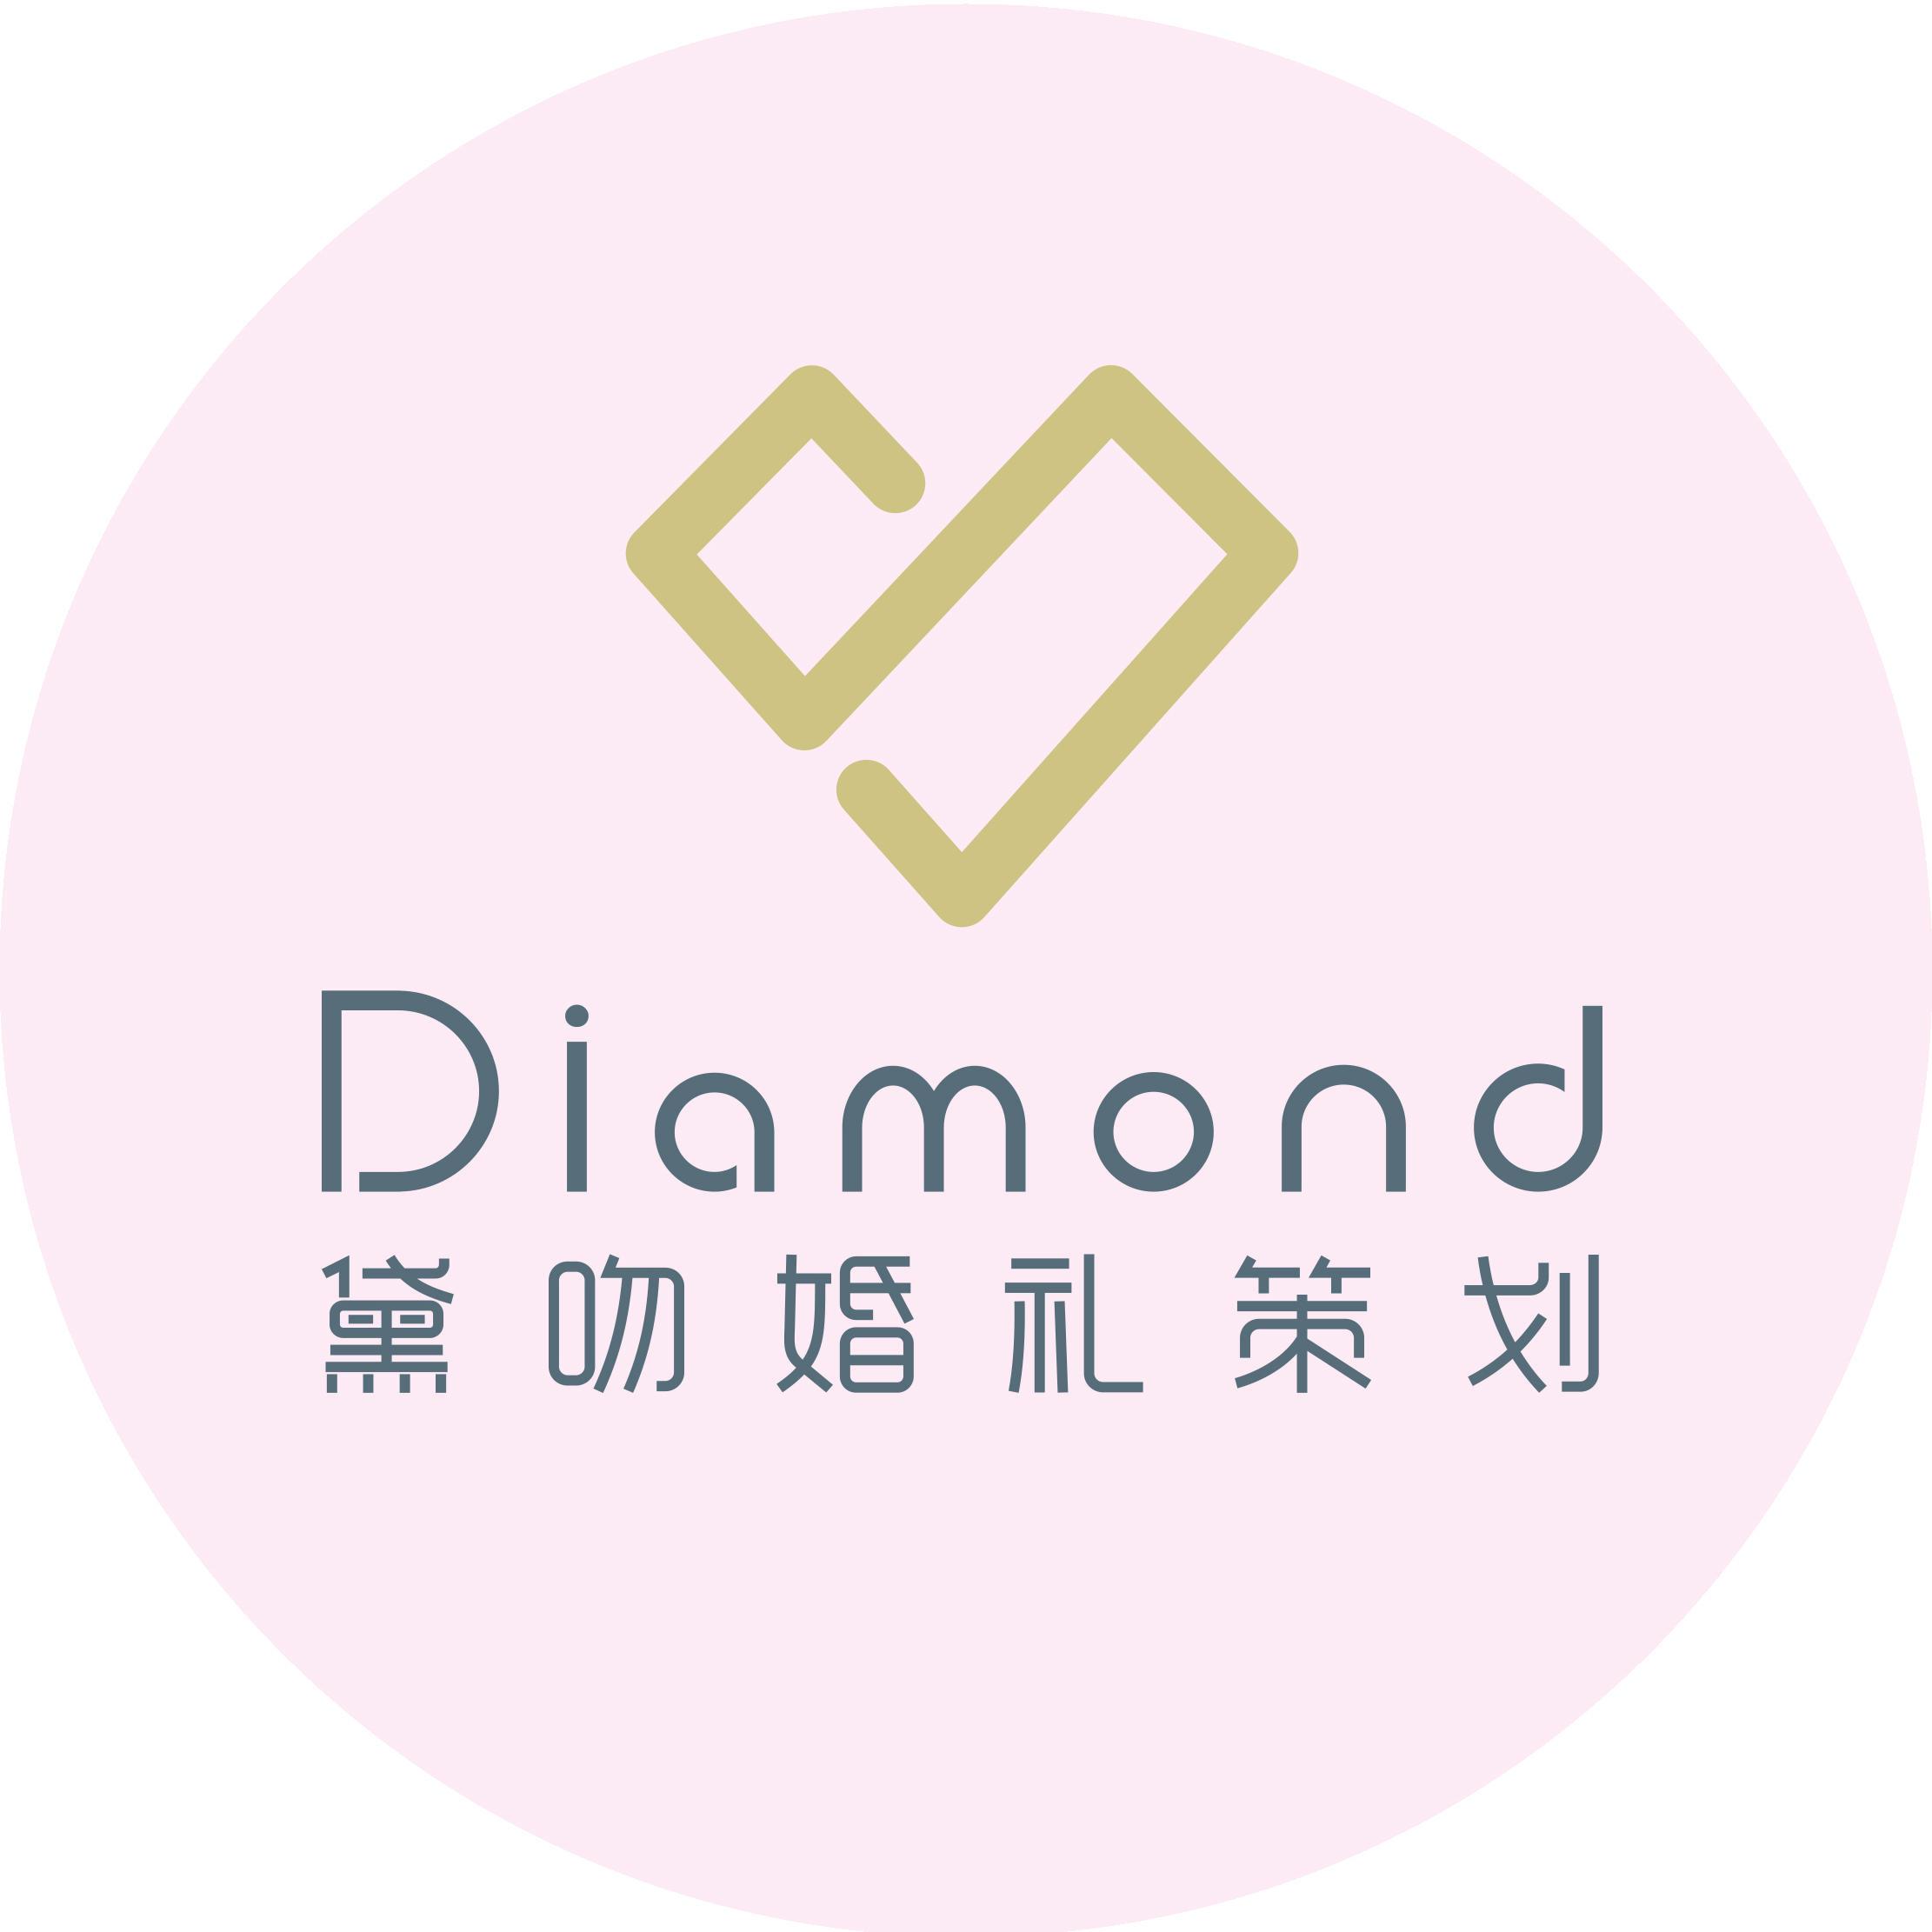 Diamond黛吻婚礼策划